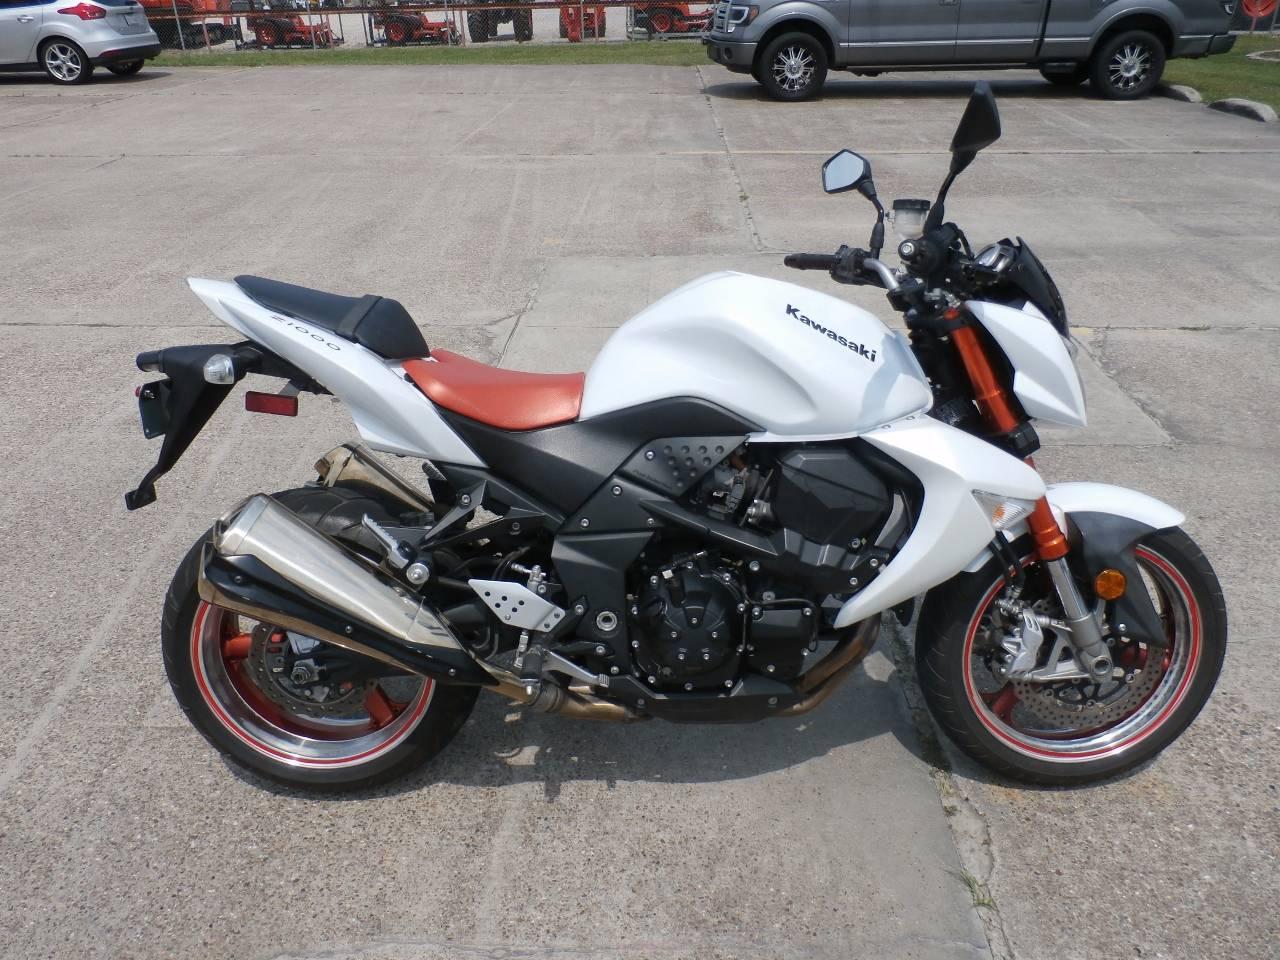 2008 Kawasaki Z1000 for sale 2933